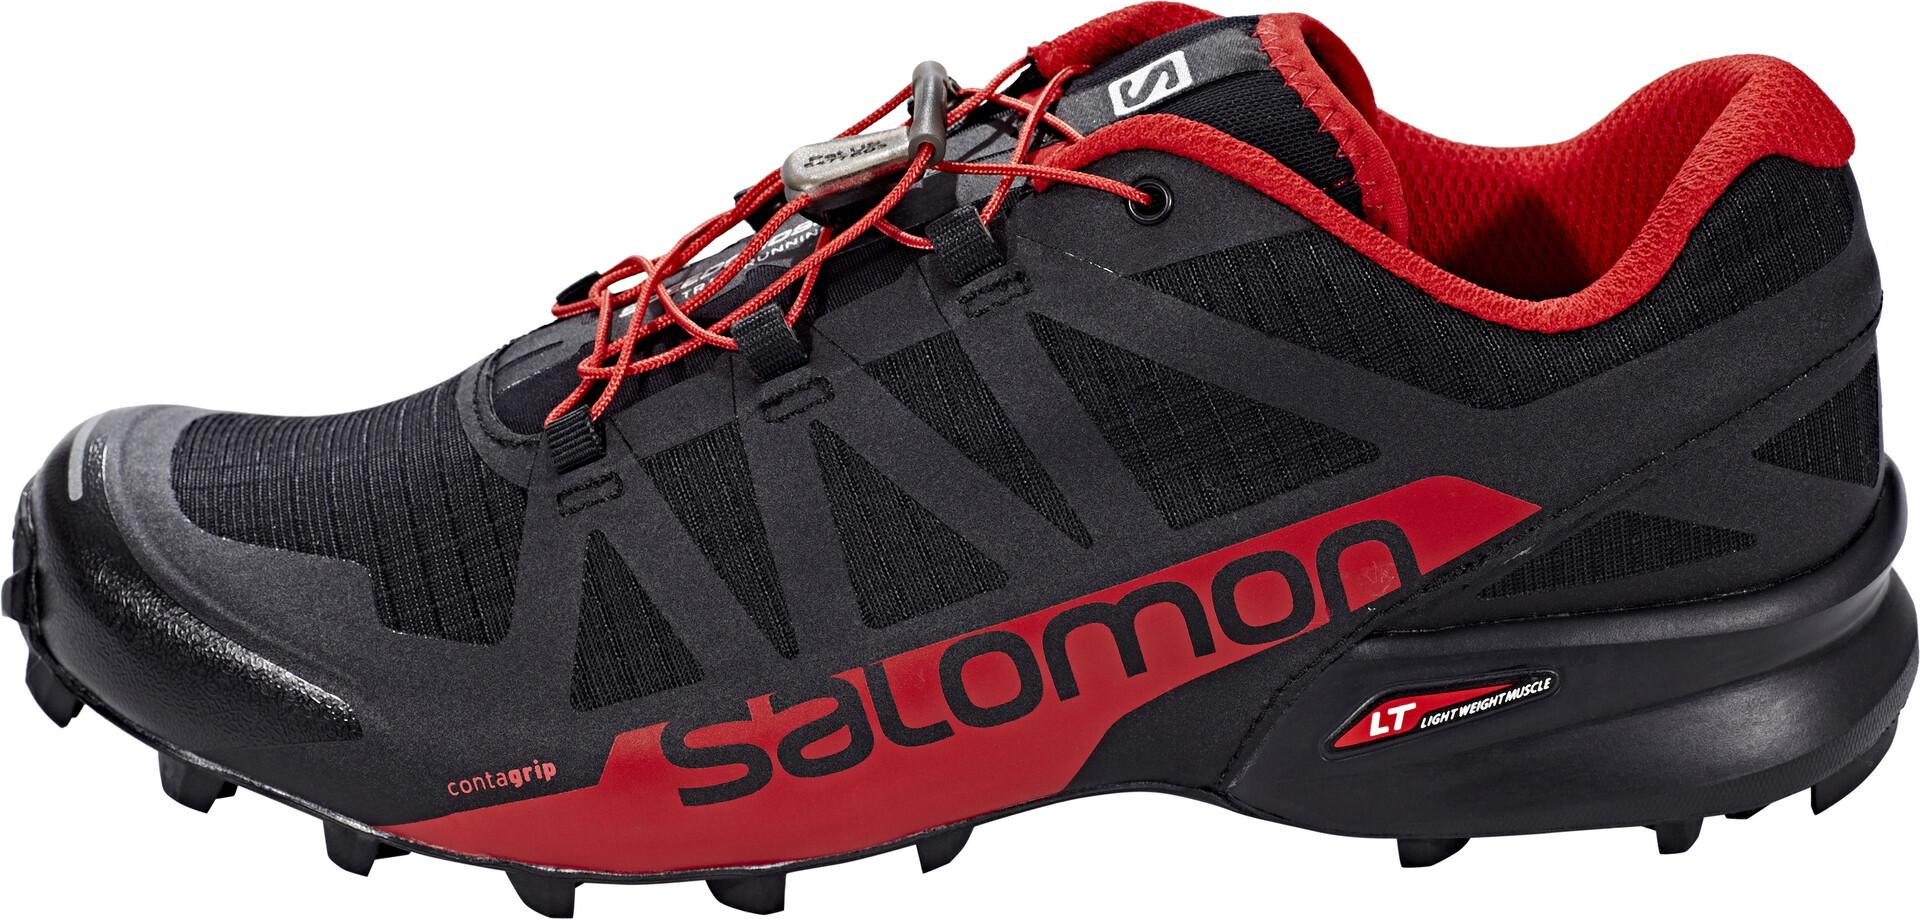 Speedcross 2 Running Pro Rougenoir Homme Salomon Chaussures fdwq68fz